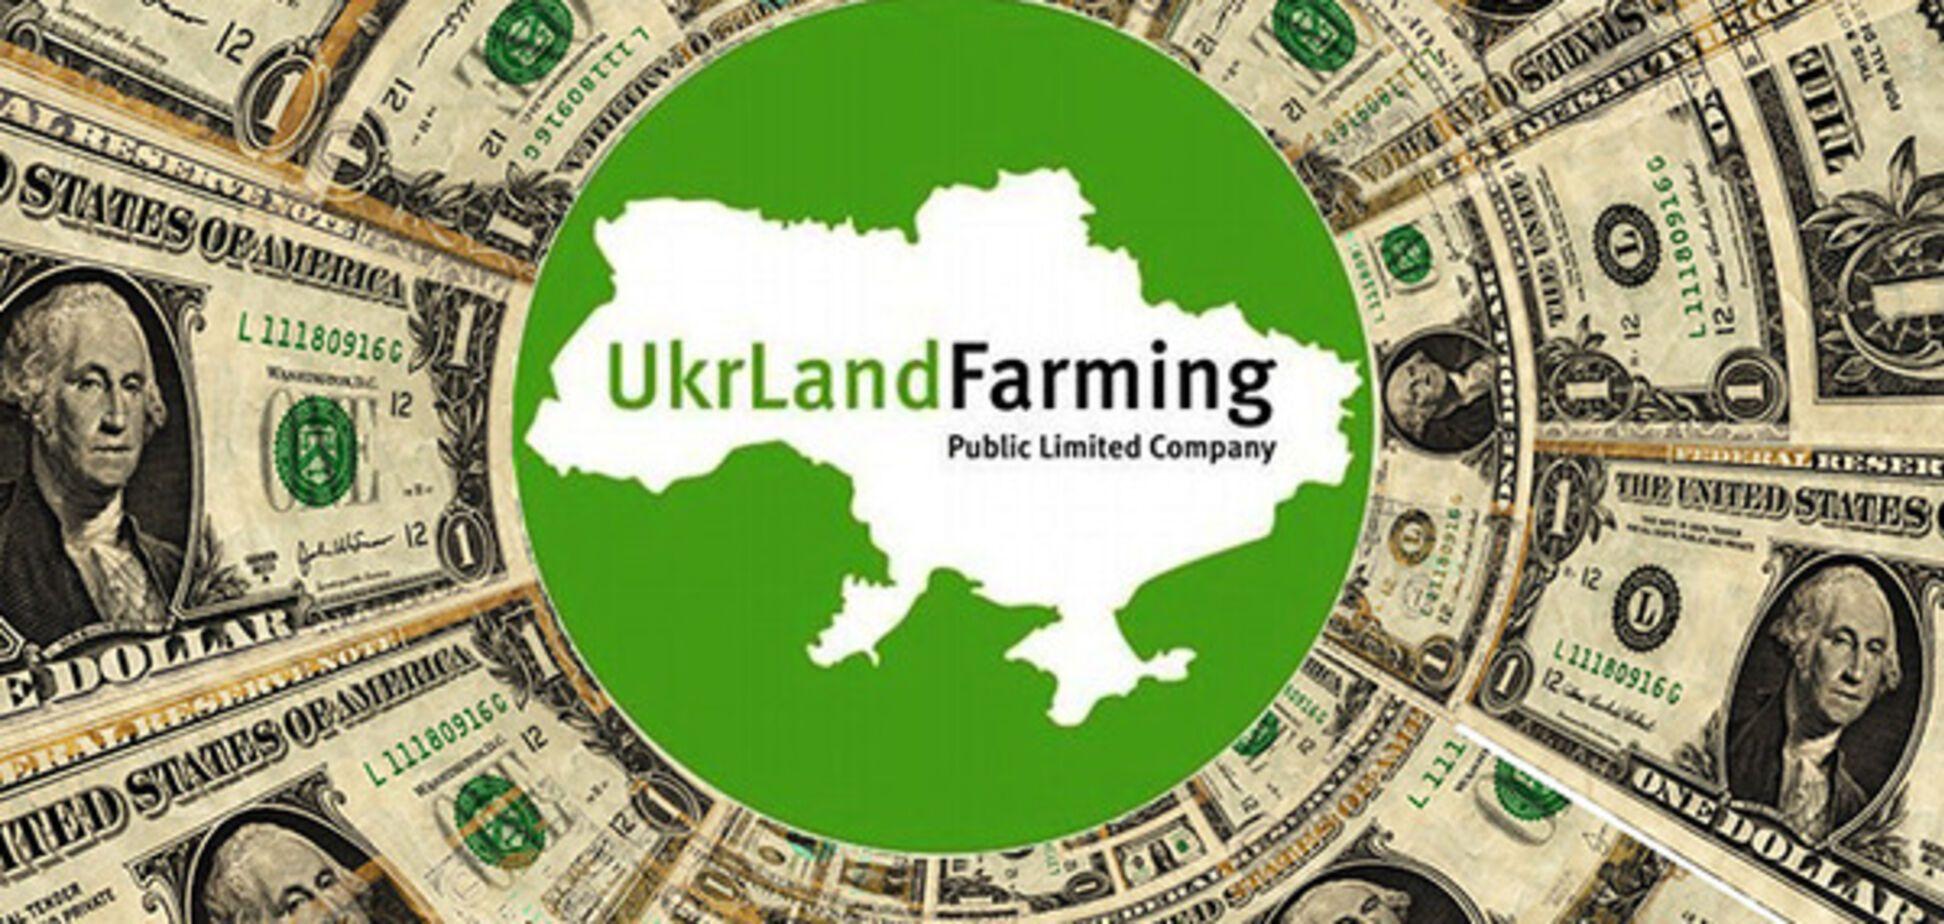 Несмотря на кризис: Бахматюк запланировал прибыль Ukrlandfarming на уровне 10-15%